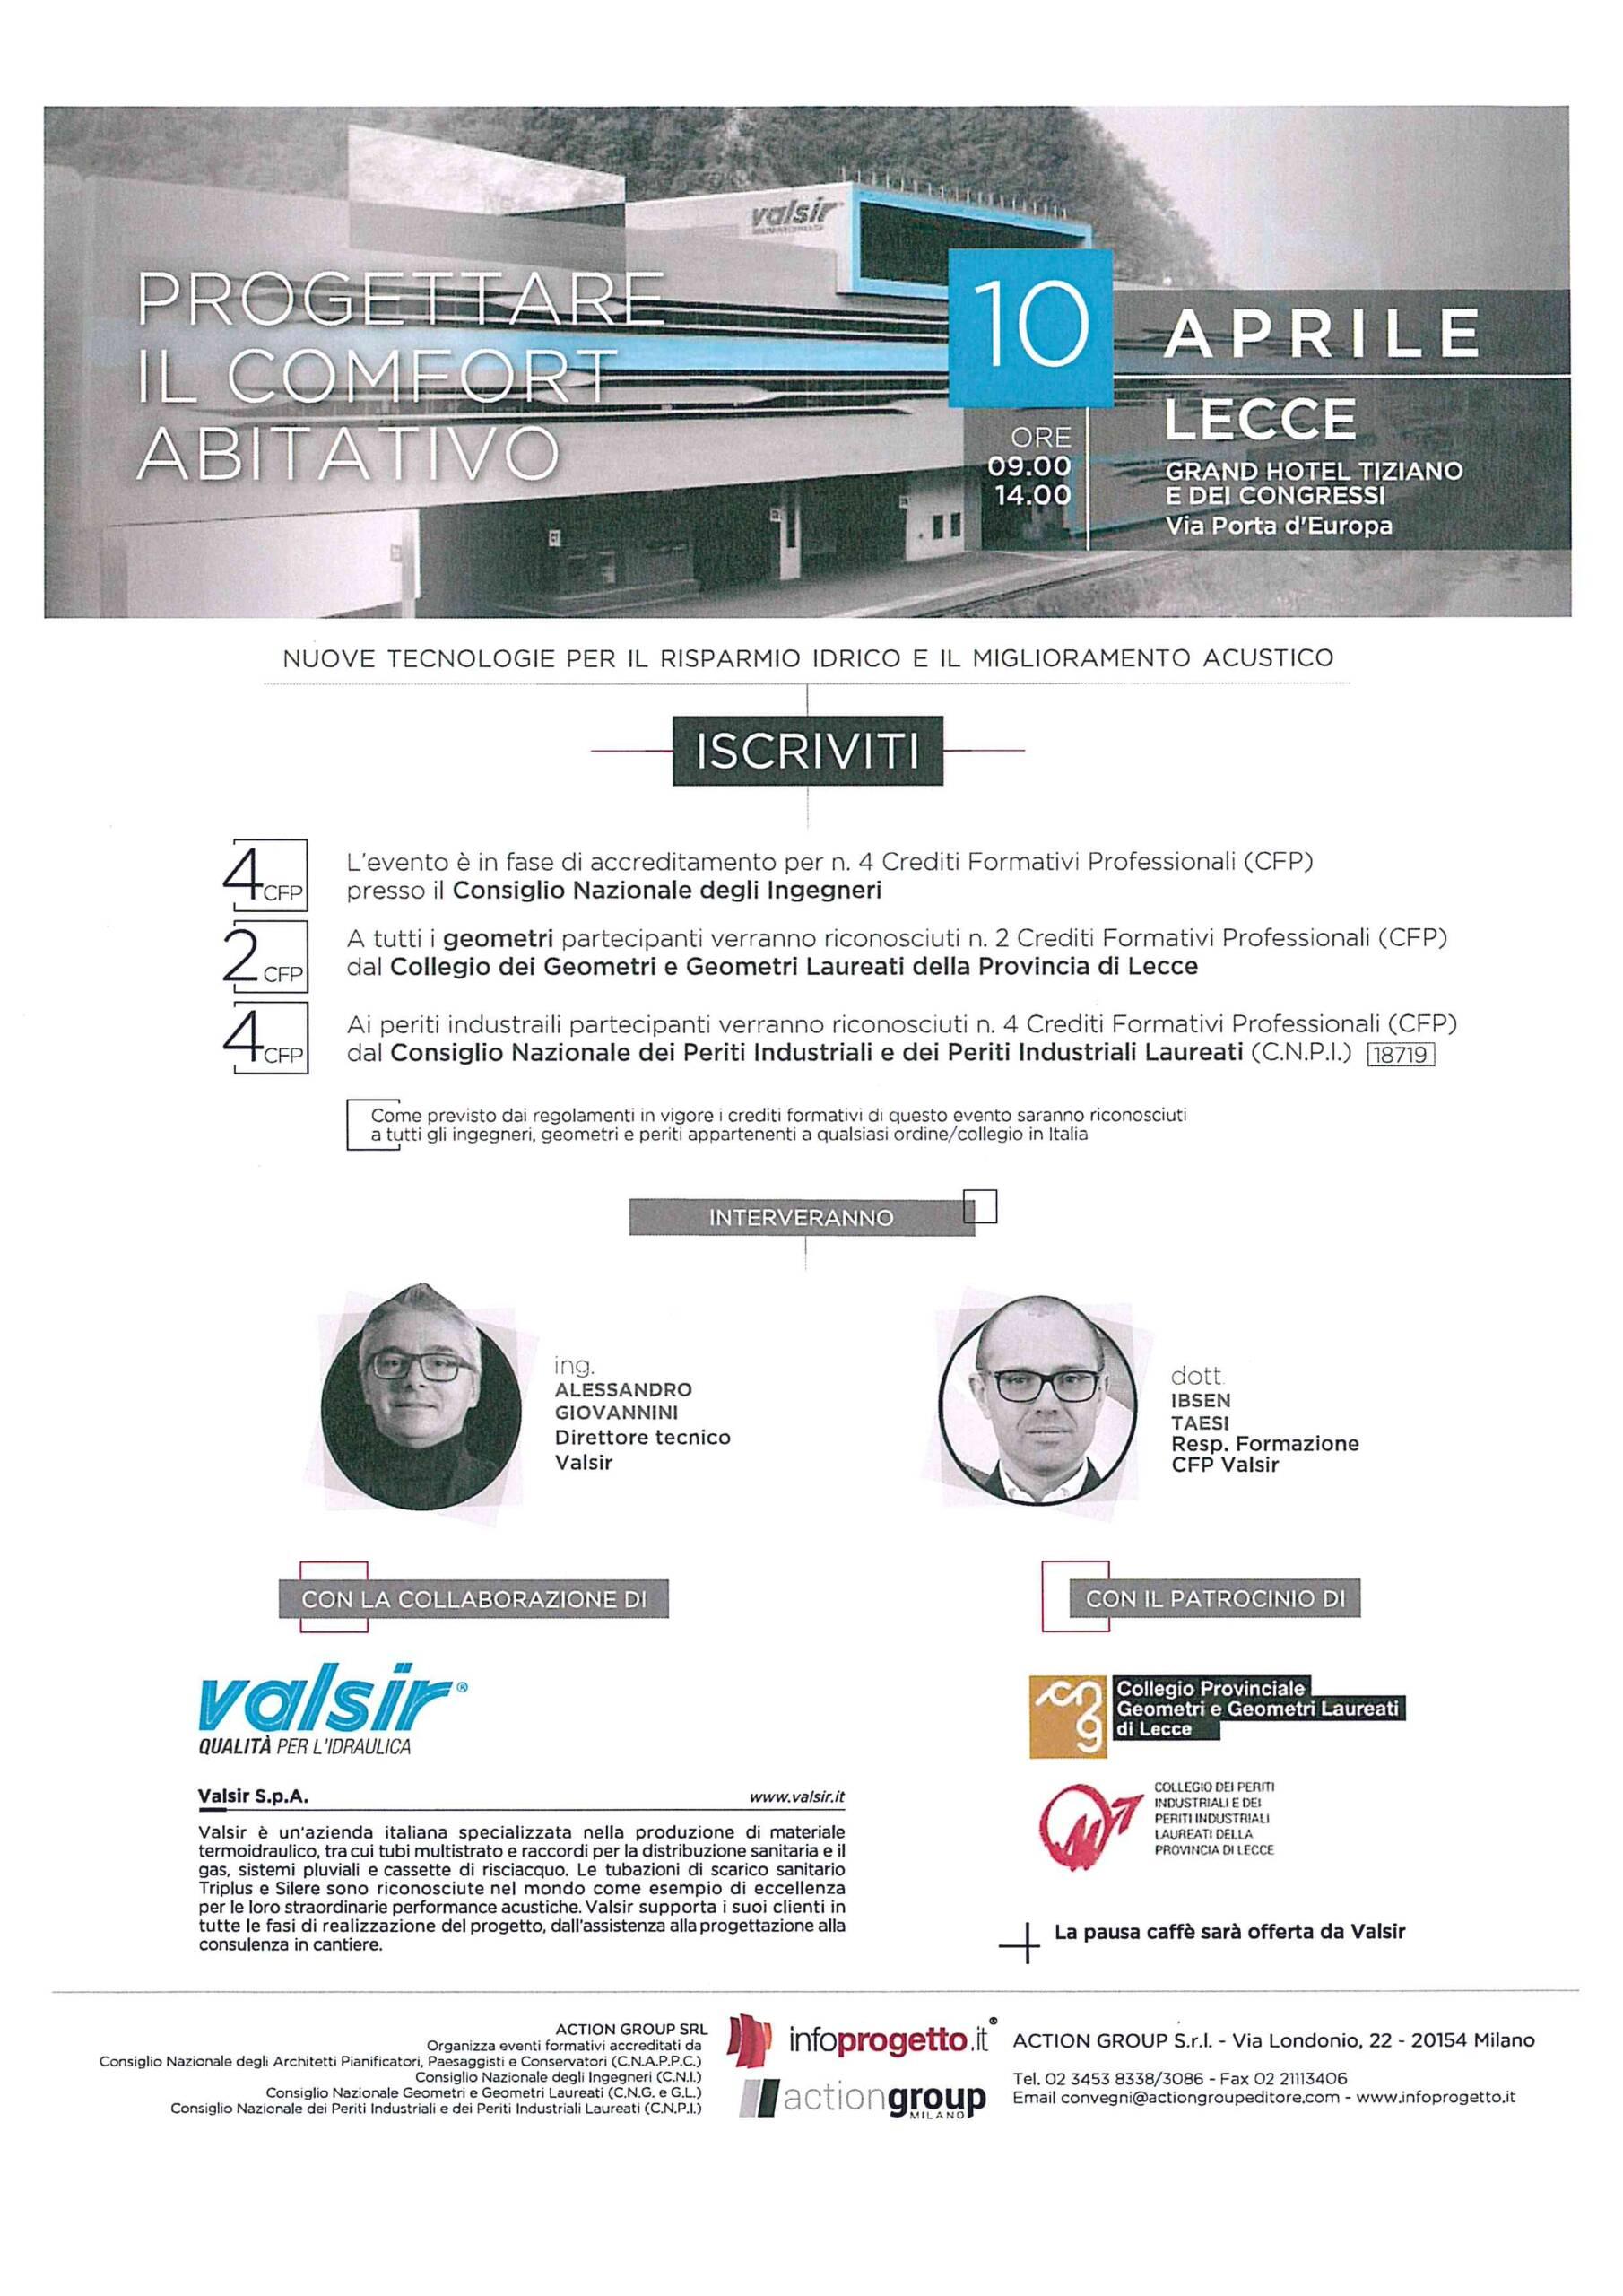 """Action Group Srl – Evento """"Progettare il comfort abitativo – Nuove tecnologie per il risparmio idrico e il miglioramento acustico"""" – Lecce 10/04/2018"""